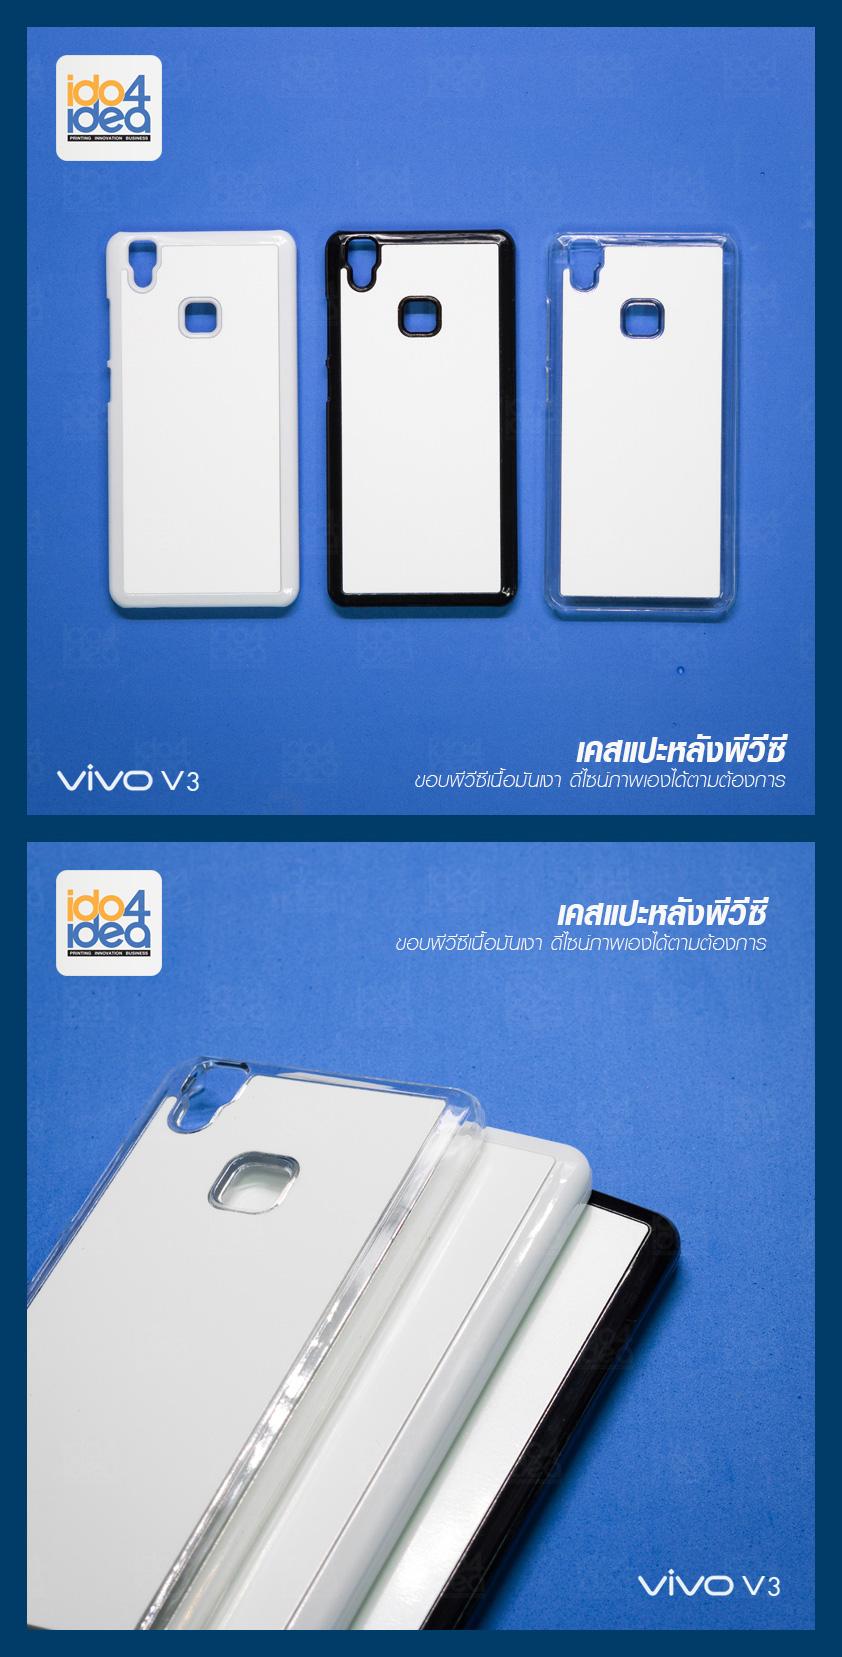 เคสพิมพ์ภาพ VIVO V3 pvc เนื้อมันเงา